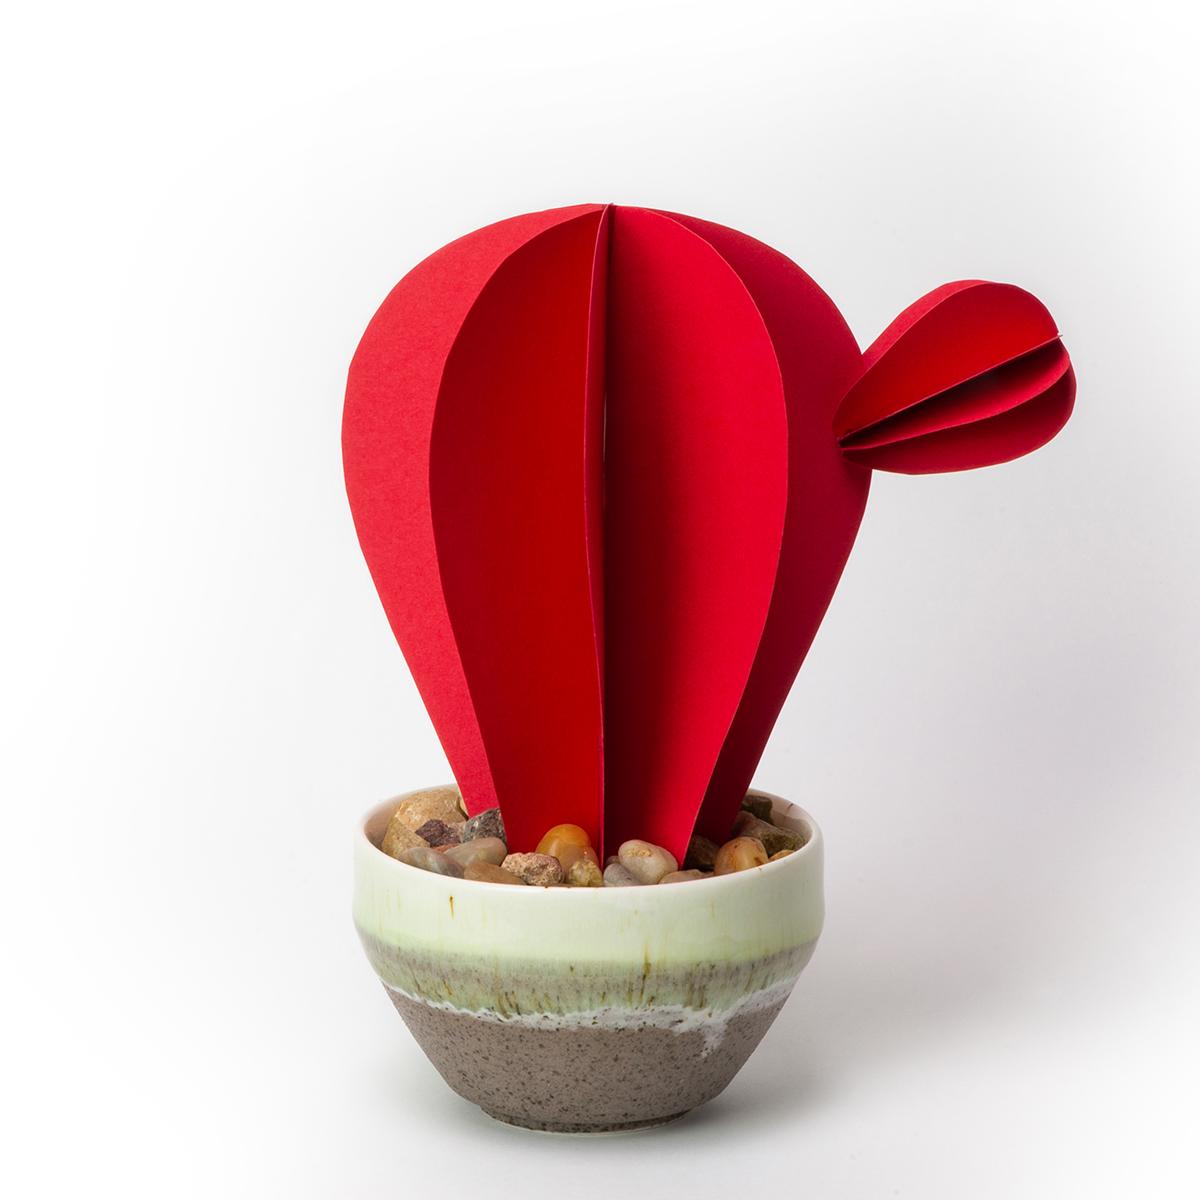 jungla, plantas de papel cactus rojo liso